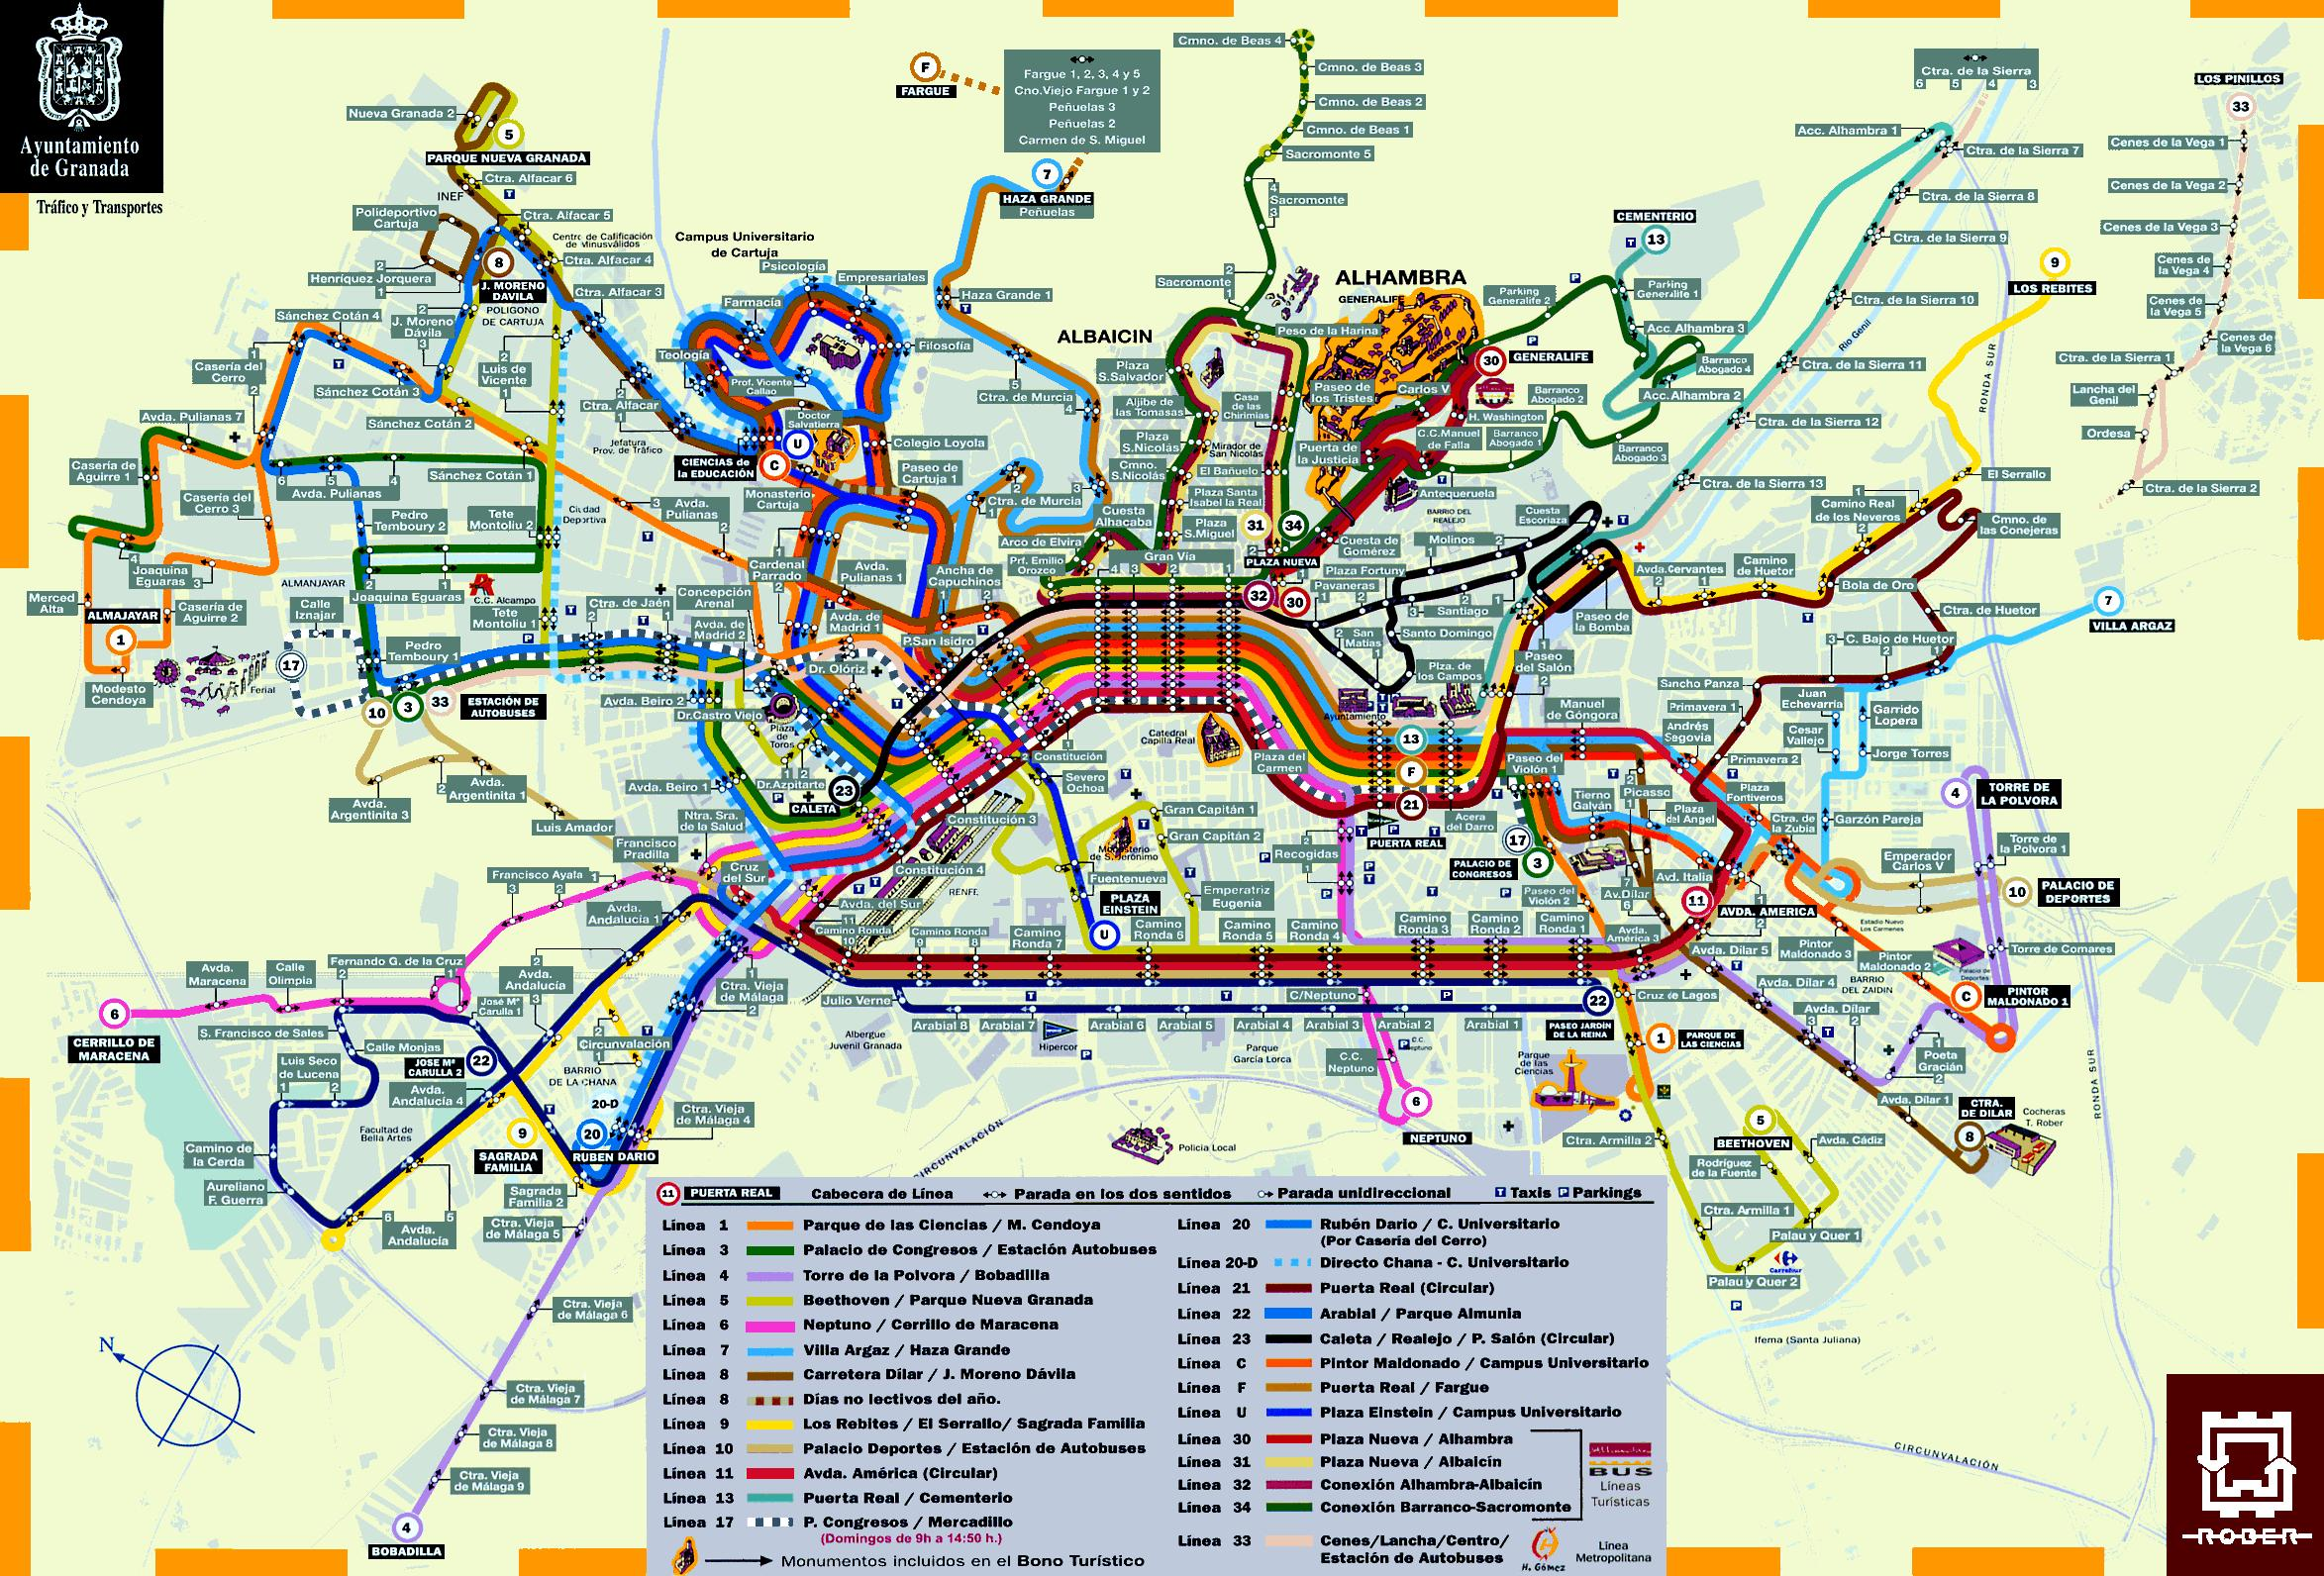 Callejero Mapa De Granada Capital.Mapa De Granada Plano Y Callejero De Granada 101viajes